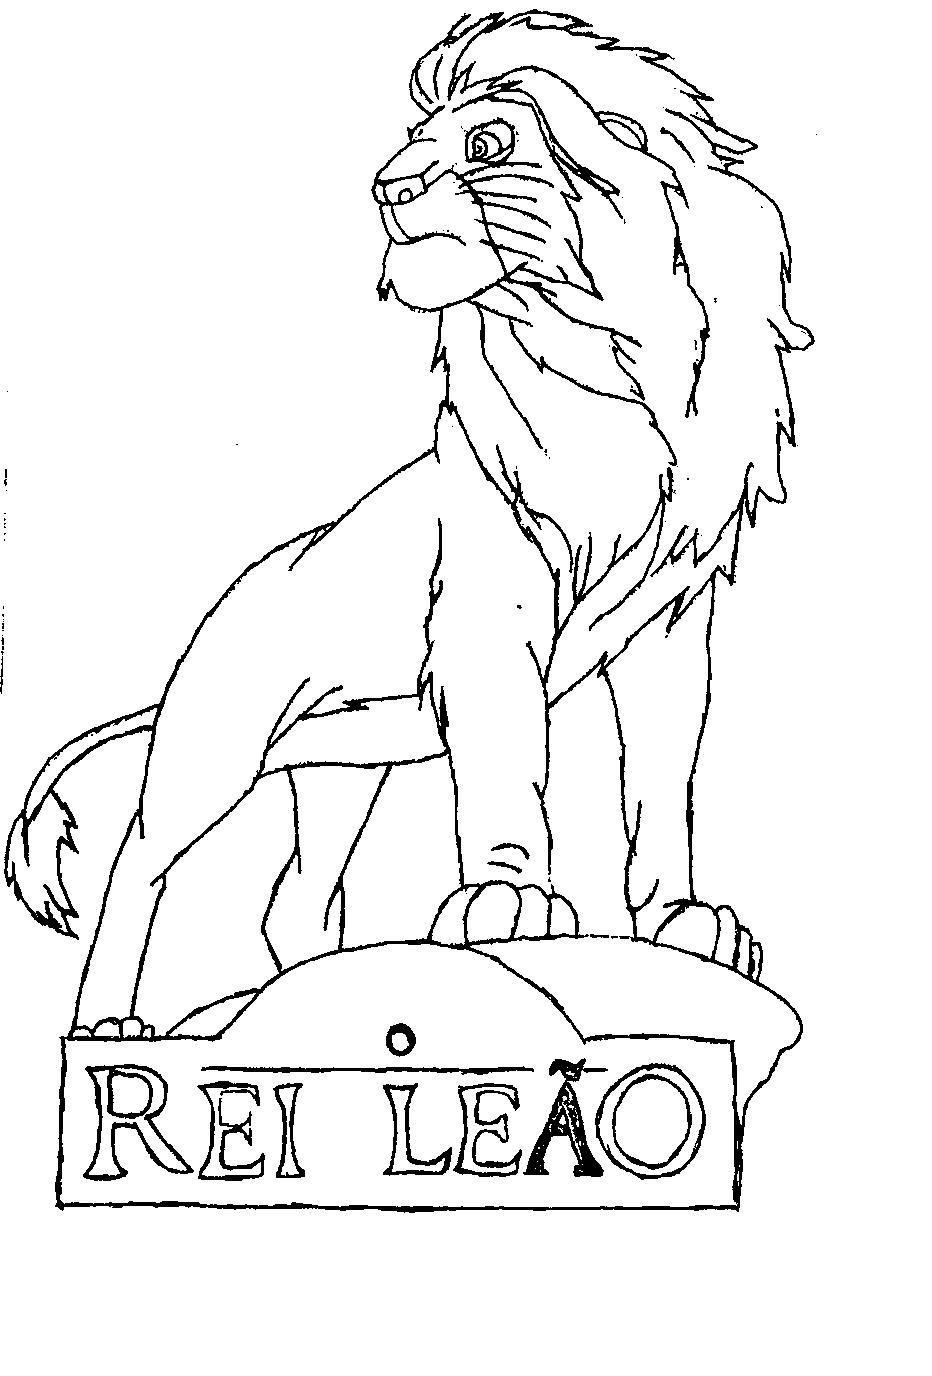 Colorir Rei Leao